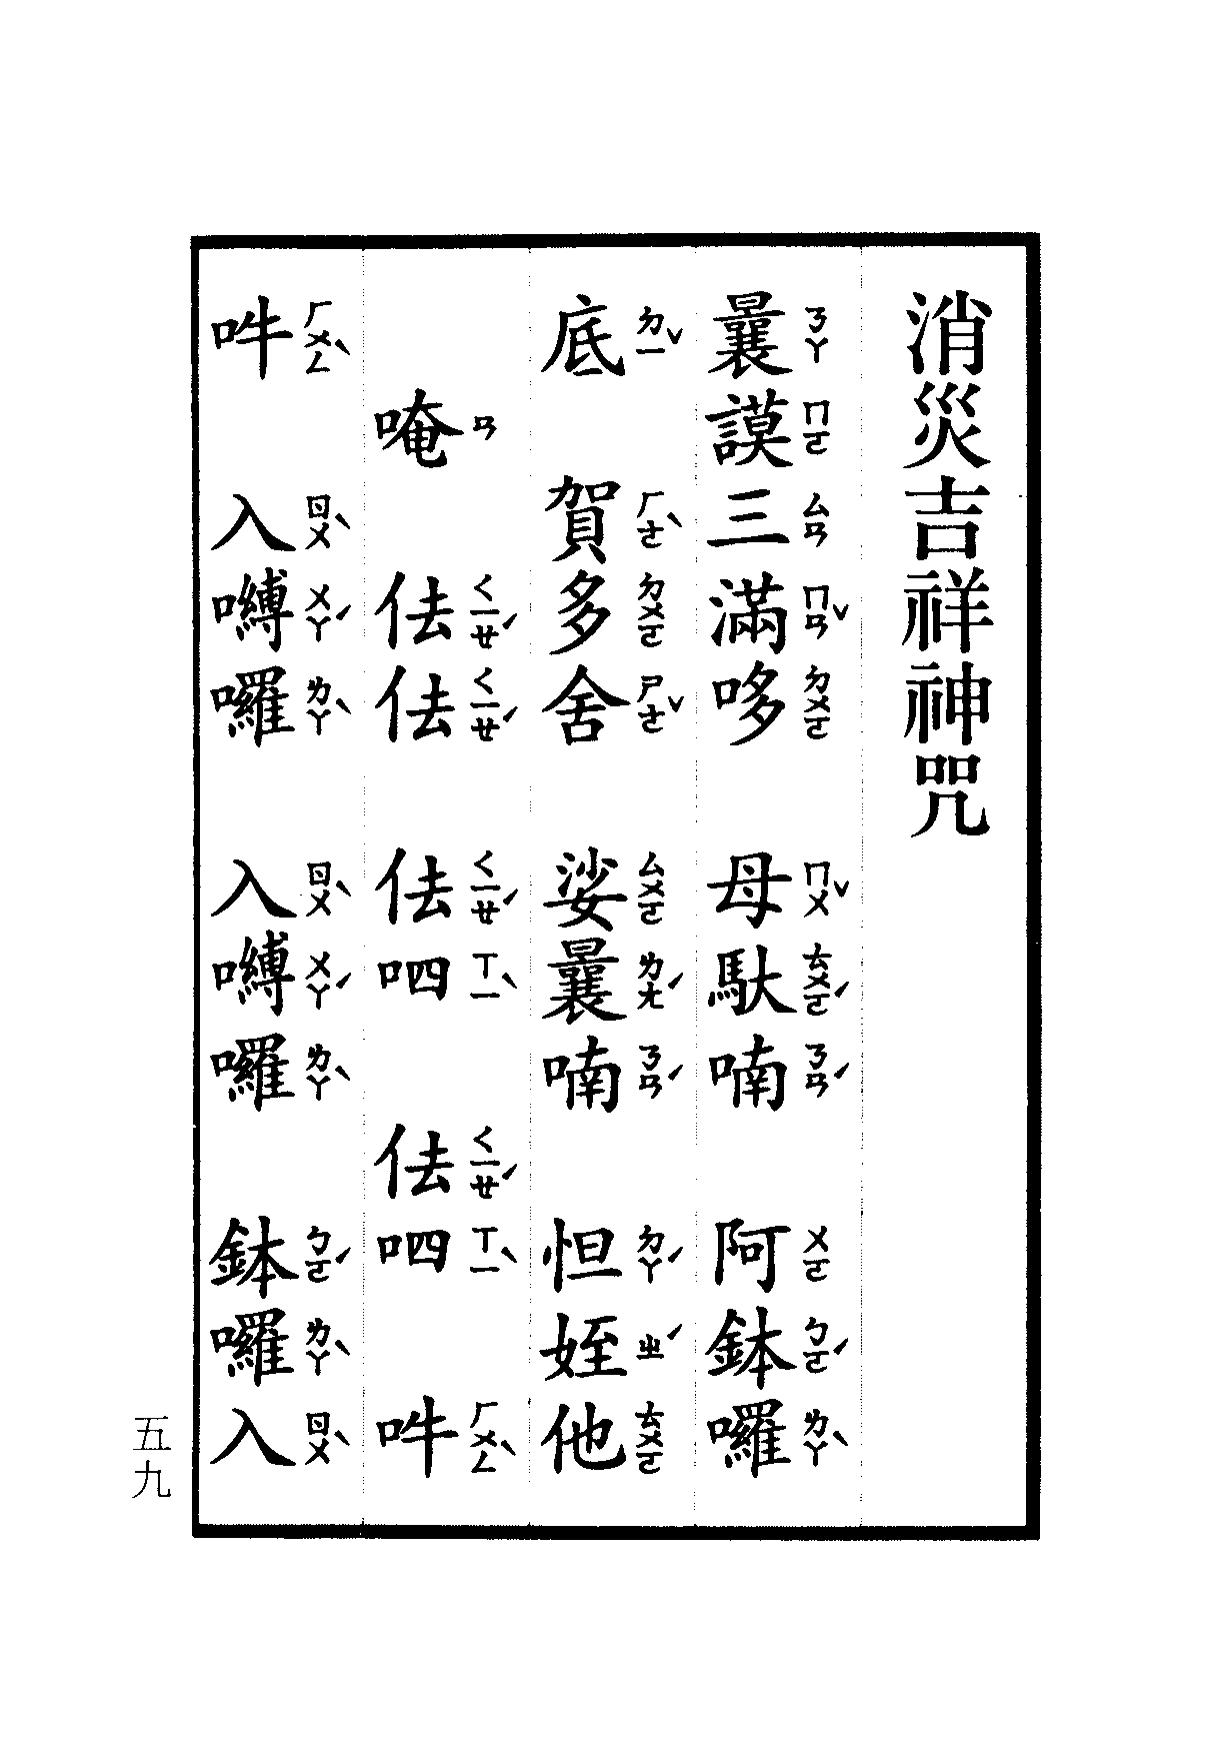 楞嚴咒-大悲咒-十小咒-易背本 65.png